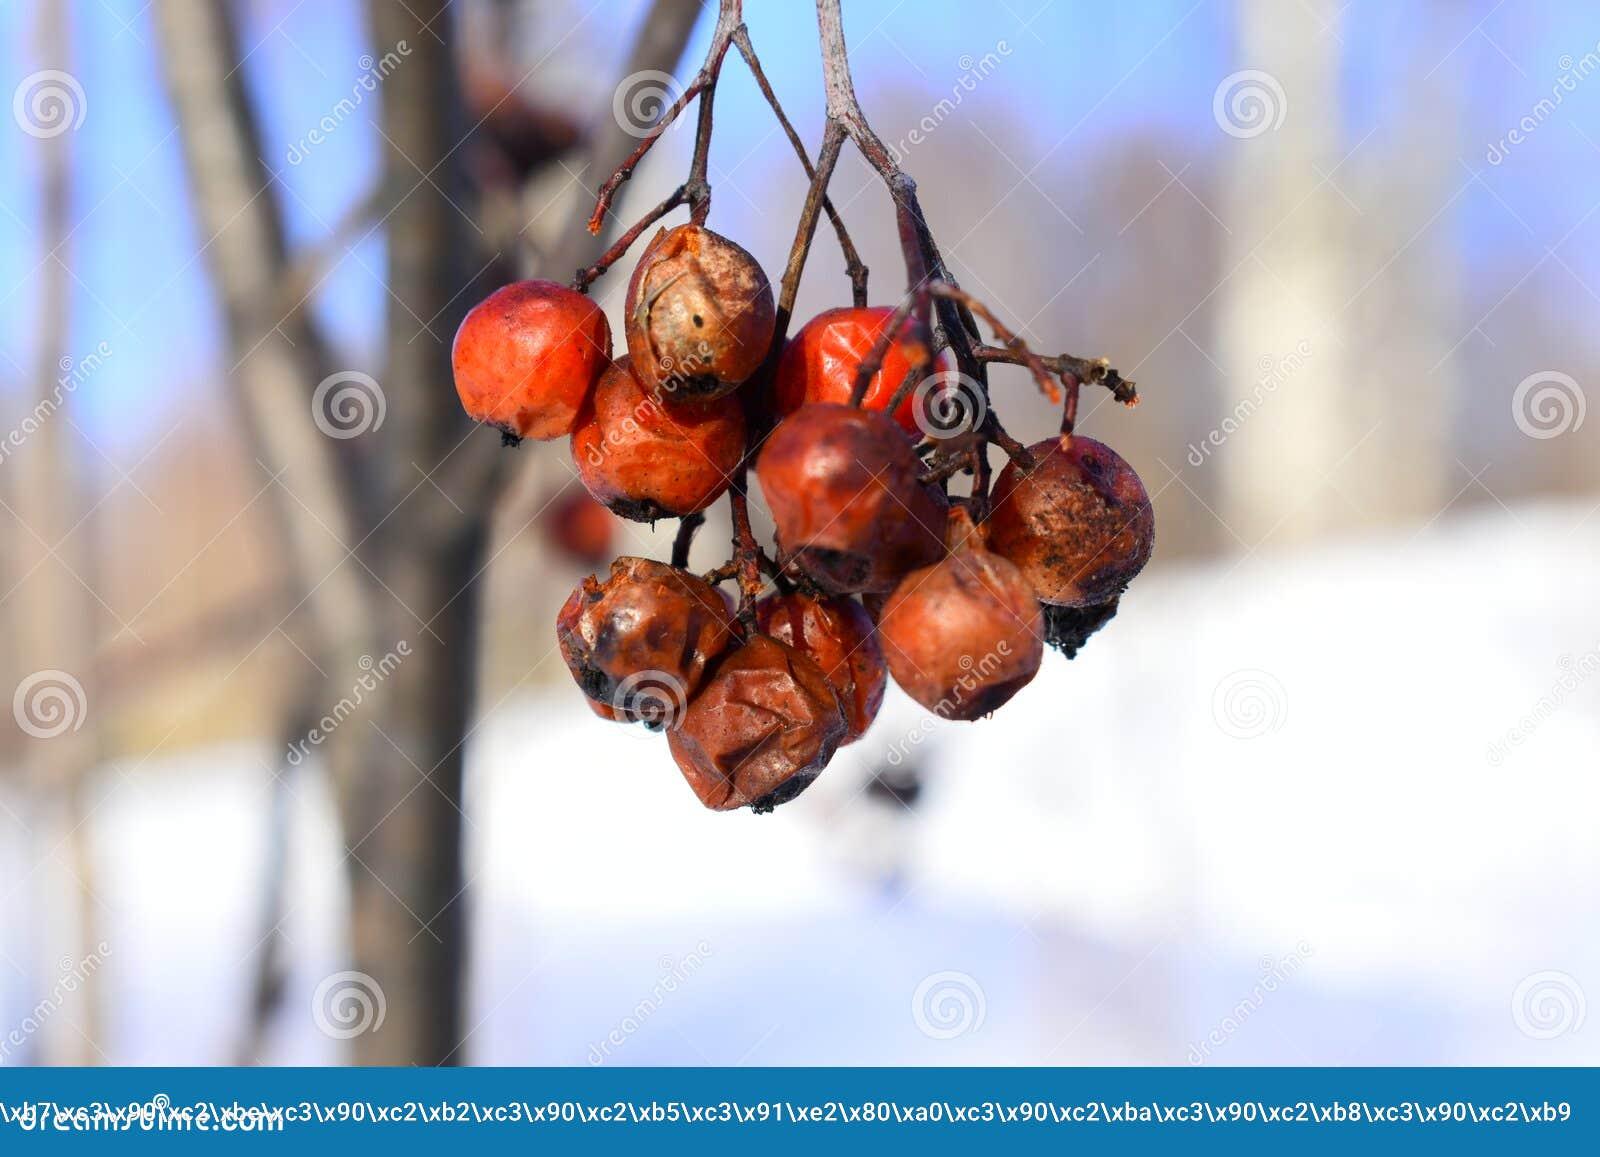 Wyklucza drzewa rodzimych pewni tereny; niedawna definicja zawiera drzewa rodzimych najwięcej Europa i części Azja